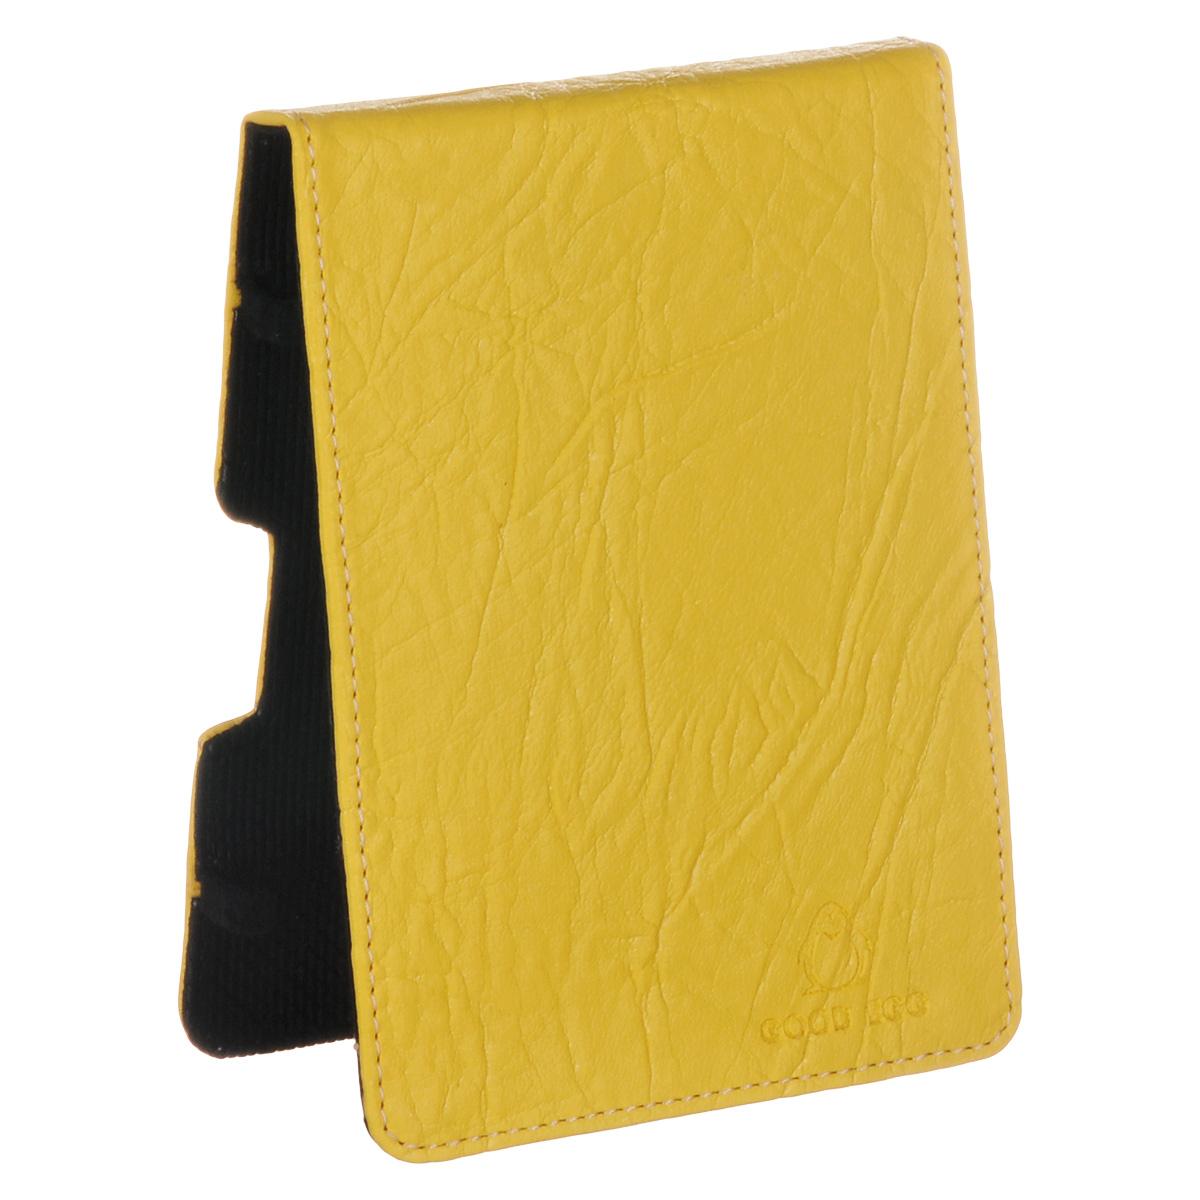 Good Egg Lira чехол для PocketBook 650, YellowGE-PB650LIR2224Чехол Good Egg Lira для электронной книги PocketBook 650 обеспечивает максимальную защиту экрана при транспортировке благодаря усиленной передней стороне. Он способен надежно защитить устройство от повреждений, повысить его сохранность во время путешествий и сделать более комфортным использование гаджета благодаря свободному доступу ко всем функциональным кнопкам.